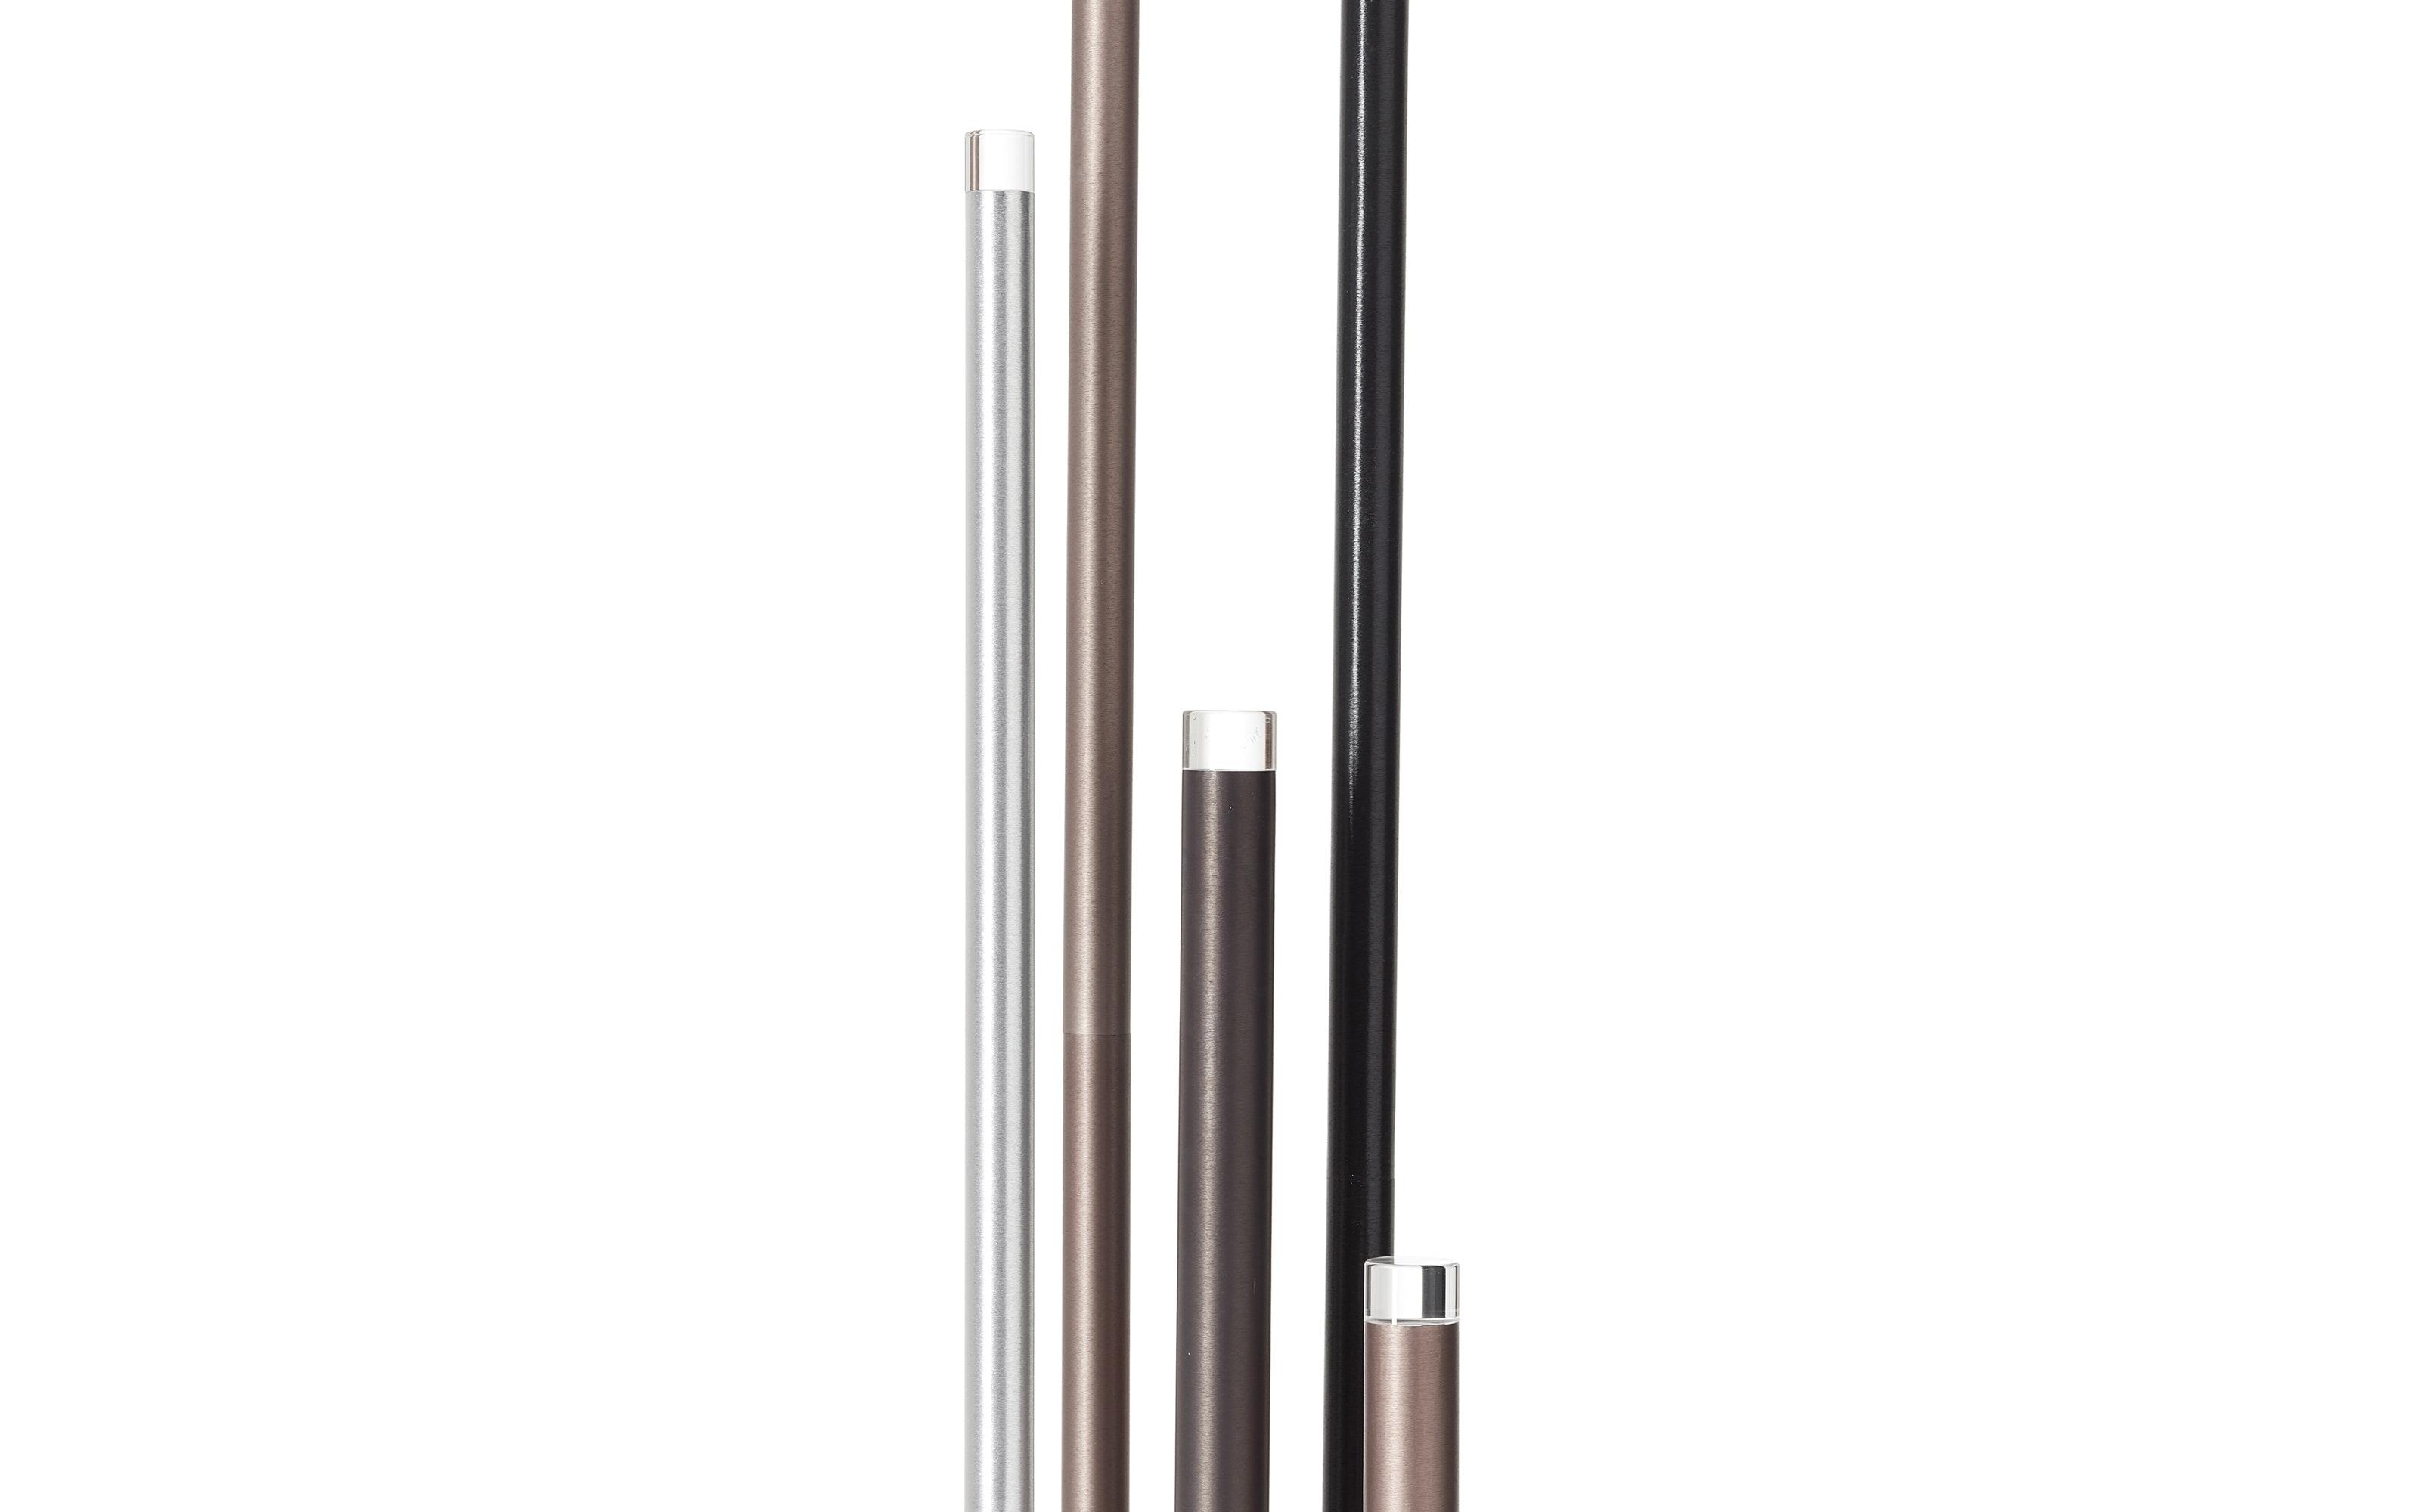 LED-Standleuchte Cembalo in braun/schwarz/alu, 155 cm